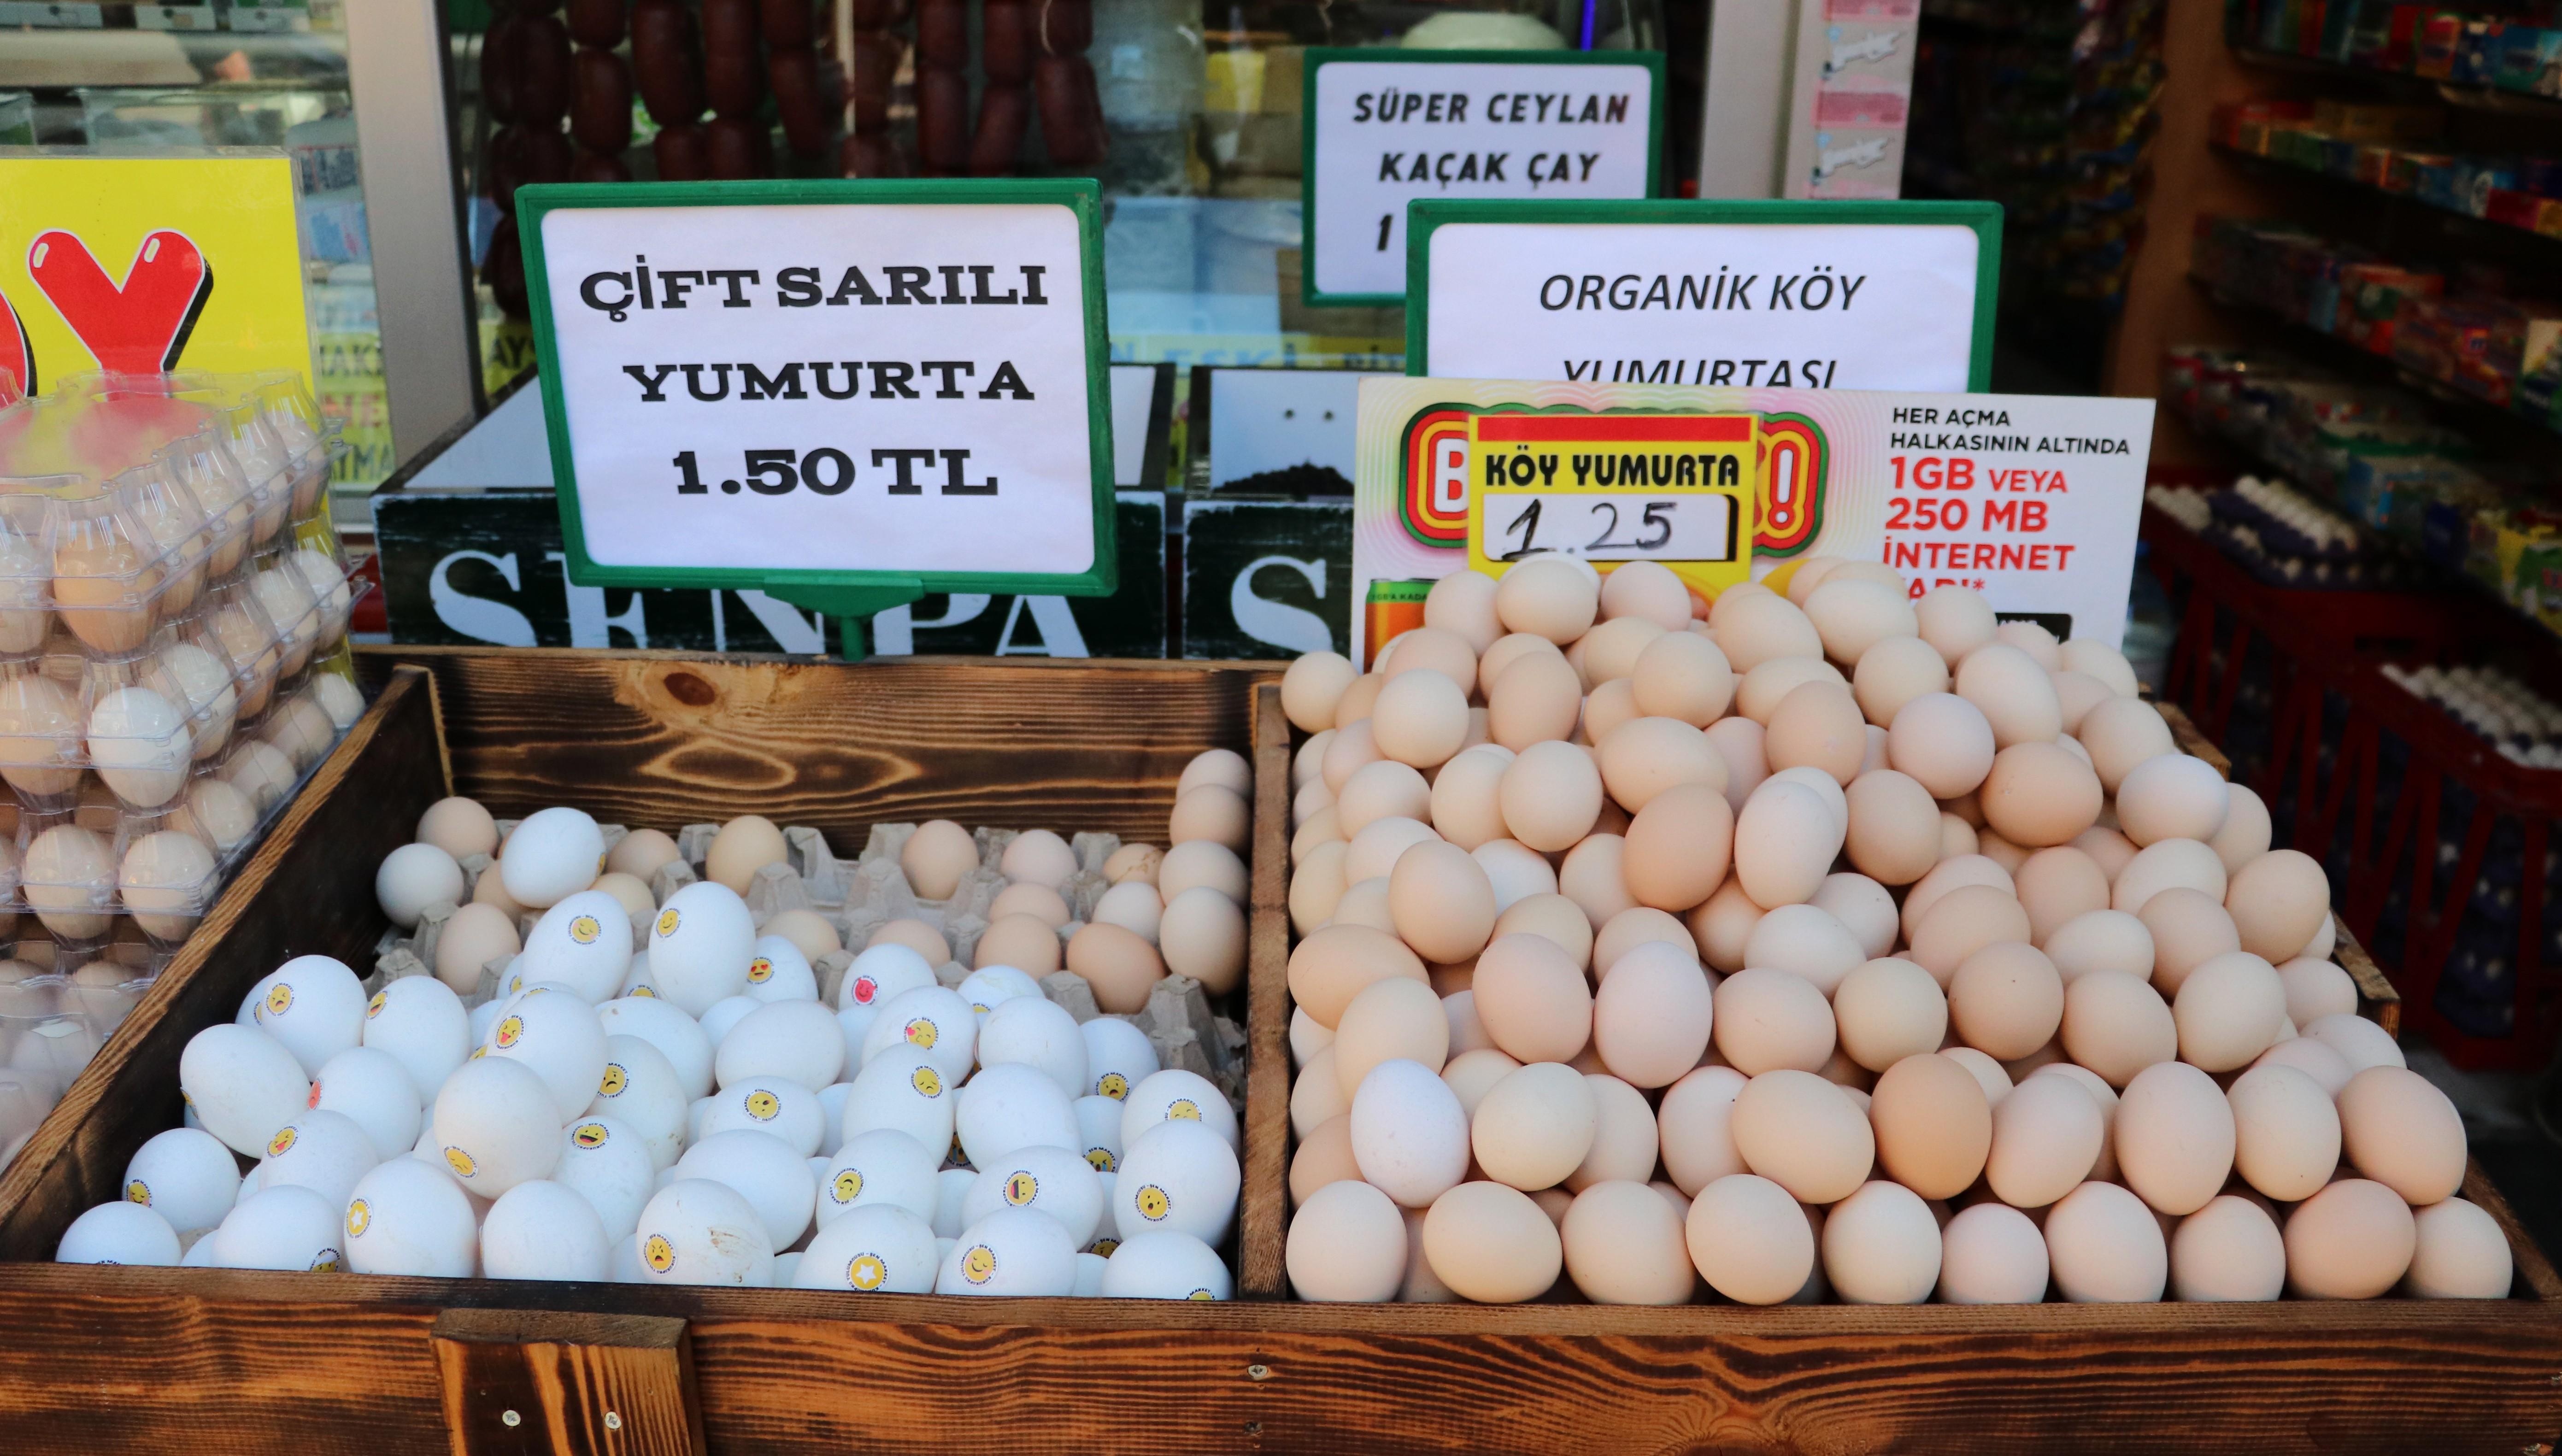 """<p>Son dönemde yumurtanın kep fiyatı yüzde 30'un üzerinde artarak neredeyse kırmızı etle yarışır hale geldi. Adana Perakendeci, Kasaplar, Tavuk ve Balık Eti Satıcıları Odası Başkanı Murat Yağmur, """"Kesinlikle bu aracıların fiyatları yükselttiğini biliyoruz. Küçük esnaf bu fiyatları arttırmıyor. Marketlerde fiyatlarlar daha yüksek. Fiyatlardan şikayetçiyiz. Yumurta aracıları bir mesajlaşma grubu kurmuş, fiyatları da oradan belirliyorlar"""" dedi.</p> <p></p> <p>Pandemi döneminde uzaktan eğitim ve evden çalışma kahvaltı alışkanlığını artırırken, bu dönemde yumurta tüketimi de arttı. Yumurtanın 30'lu paket fiyatı 25-30 liranın üzerine çıkarak neredeyse kırmızı et ile yarışmaya başladı. Bazı zincir marketlerde ise fiyatlar 35 liranın da üzerine çıktı. Bu fiyatlar ise hem alıcıları hem de satıcıları şikayet ettirdi. Satıcılar ise fiyatların yumurta aracıları nedeniyle arttığını öne sürdü.<br /><br /></p> <p><strong>""""Kep 26 liraya ulaştı""""</strong></p> <p></p> <p>Adana Perakendeci, Kasaplar, Tavuk ve Balık Eti Satıcıları Odası Başkanı Murat Yağmur, konuyla ilgili İHA muhabirine yaptığı açıklamada, """"Geçen ay kepini 22 liraya aldığımız yumurtaları şu anda 24 liraya alıyoruz. 26 liraya da satıyoruz. Bununla ilgili ortalıkta spekülasyonlar dönüyor. Kesinlikle bu fiyatları aracıların yükselttiğini biliyoruz. Bunun için gerekli önlemlerimizi aldık. Devletimiz de gerekli çalışmaları yapıyor ve eski fiyatlara düşeceğini tahmin ediyoruz. Et ve tavuk fiyatları bir ara aldı başını gitmişti, daha sonra bizim açıklamalarımız ve devletin tedbirleri sonucu fiyatlar normale geri indi. Bu ortada gezenler, ikinci ve üçüncü el satanlardan dolayı fiyatlar farklı oluyor. Geçen sene bu dönemde yumurtanın kepi 15-16 liraydı. Şuanda 26 liraya kadar çıktı. Yumurtada KDV oranı da yok. Normal KDV oranı var. Fiyatlar hep sabit"""" diye konuştu.<br /><br /></p> <p><strong>""""Marketlerde fiyatlar aldı başını gidiyor""""</strong></p> <p></p> <p>Zincir marketlerde fiyatların daha da yüksek olduğunu belirten Yağmur, """